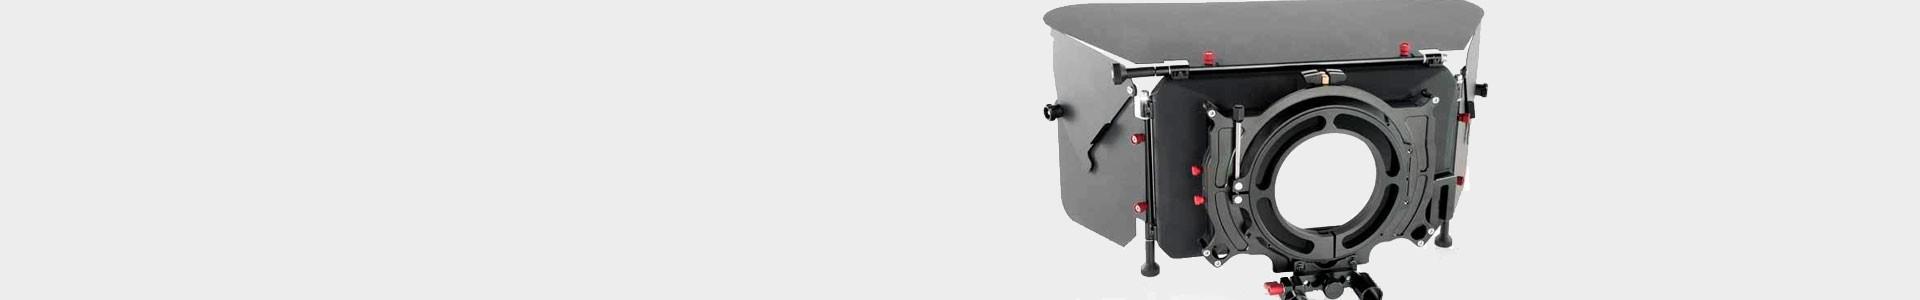 Matte-Box profesionales para cualquier Optica - Avacab